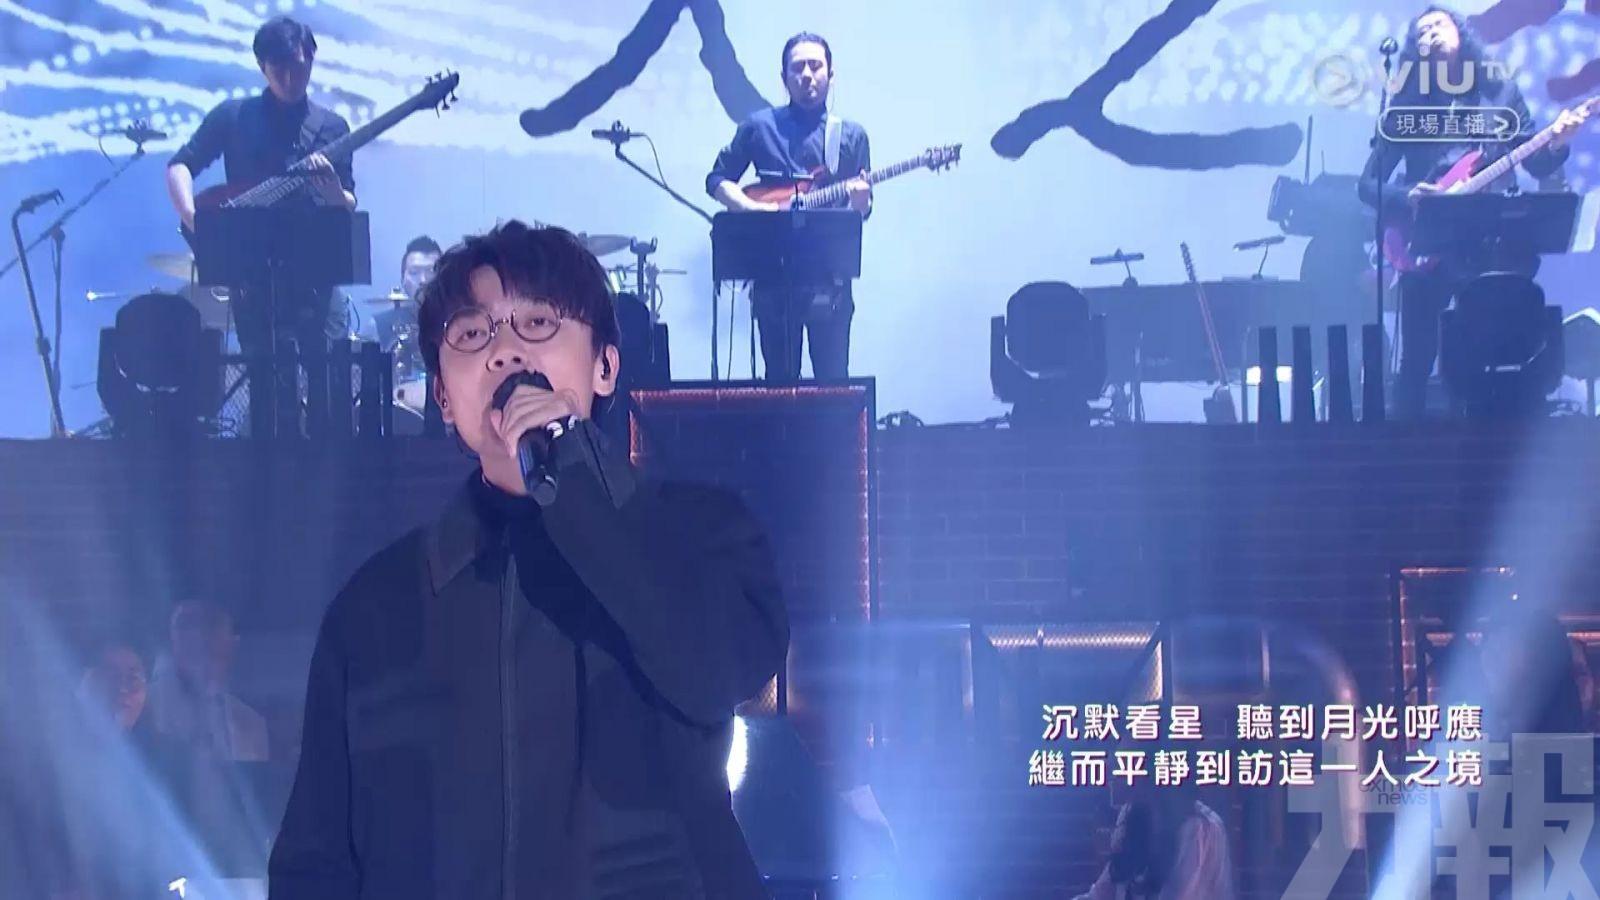 林家謙贏姜濤奪年度男歌手金獎